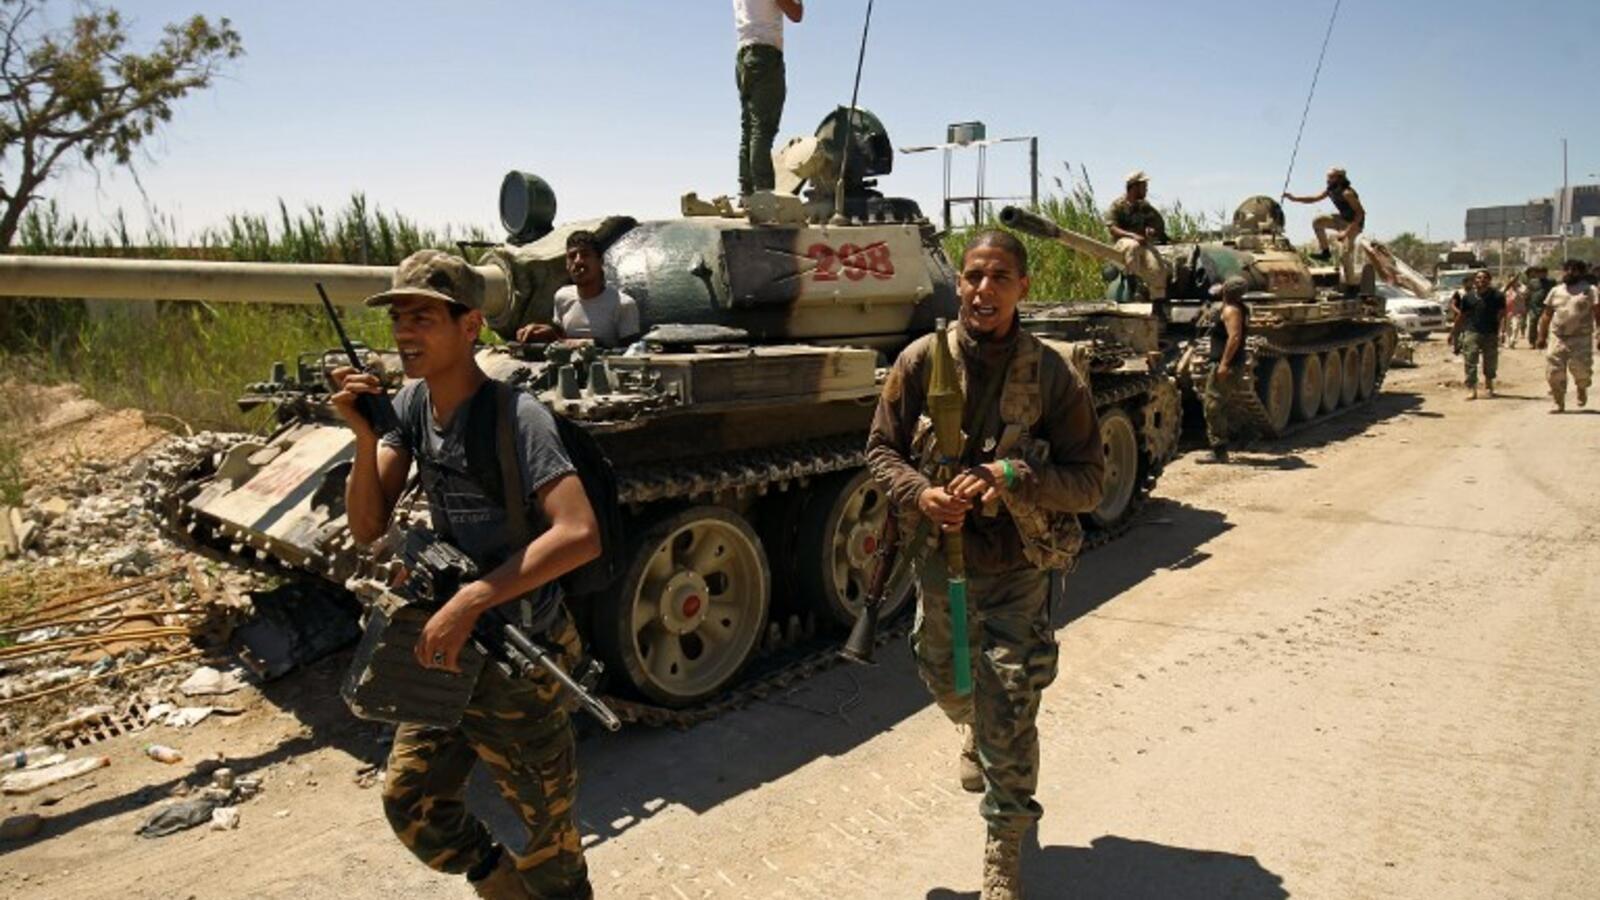 البرلمان الليبي يطالب مجلس الأمن الدولي برفع حظر السلاح عن قوات حفتر